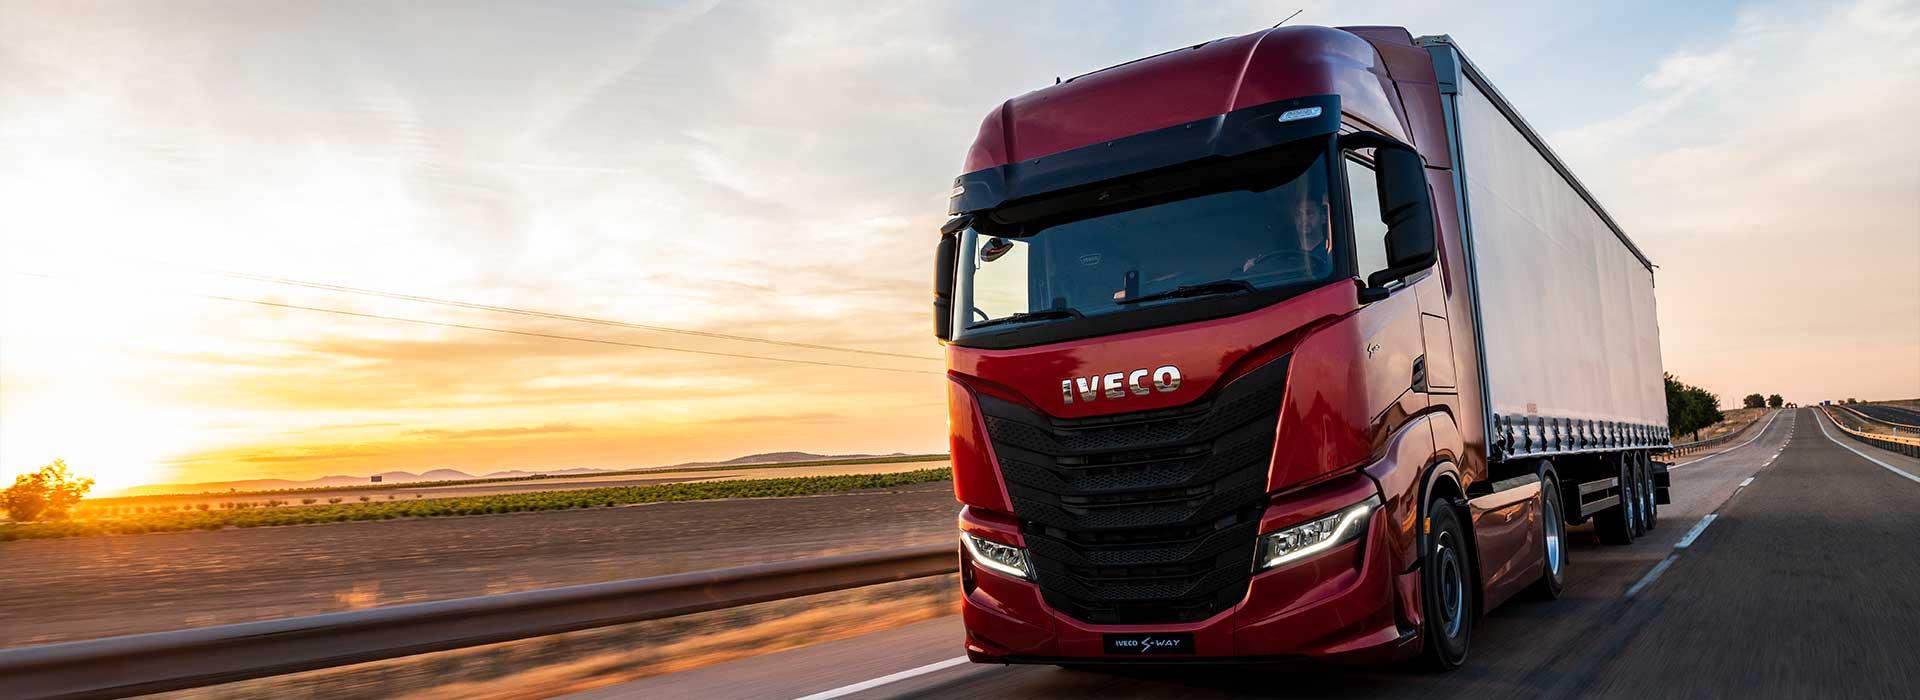 IVECO_S-WAY_vrachtwagen.jpg